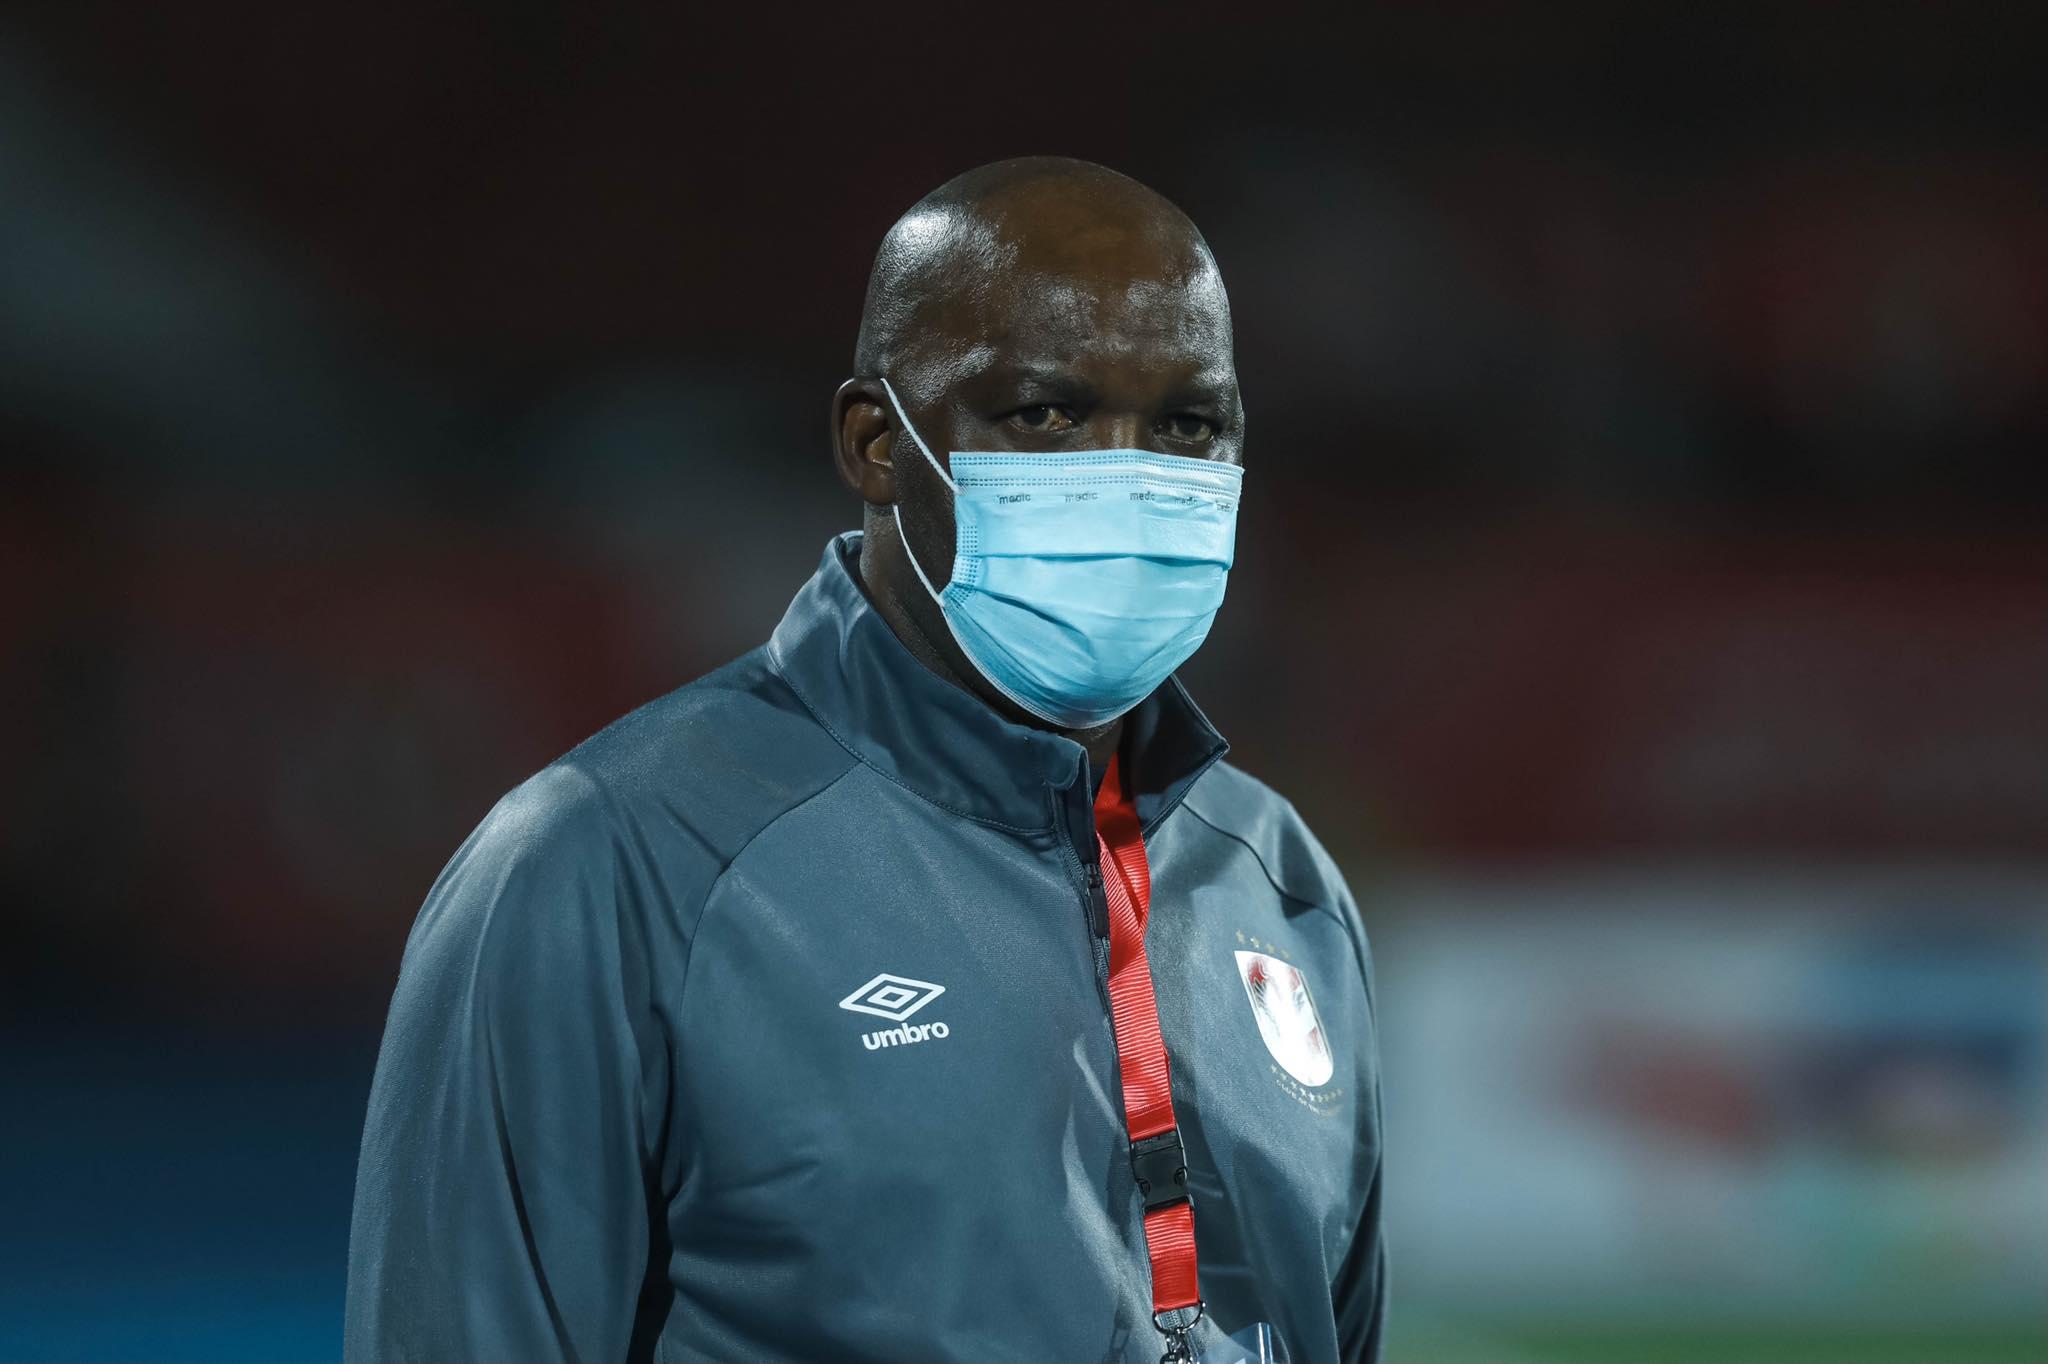 دوري أبطال إفريقيا| موسيماني يعلن تشكيل الأهلي لمباراة الترجي التونسي